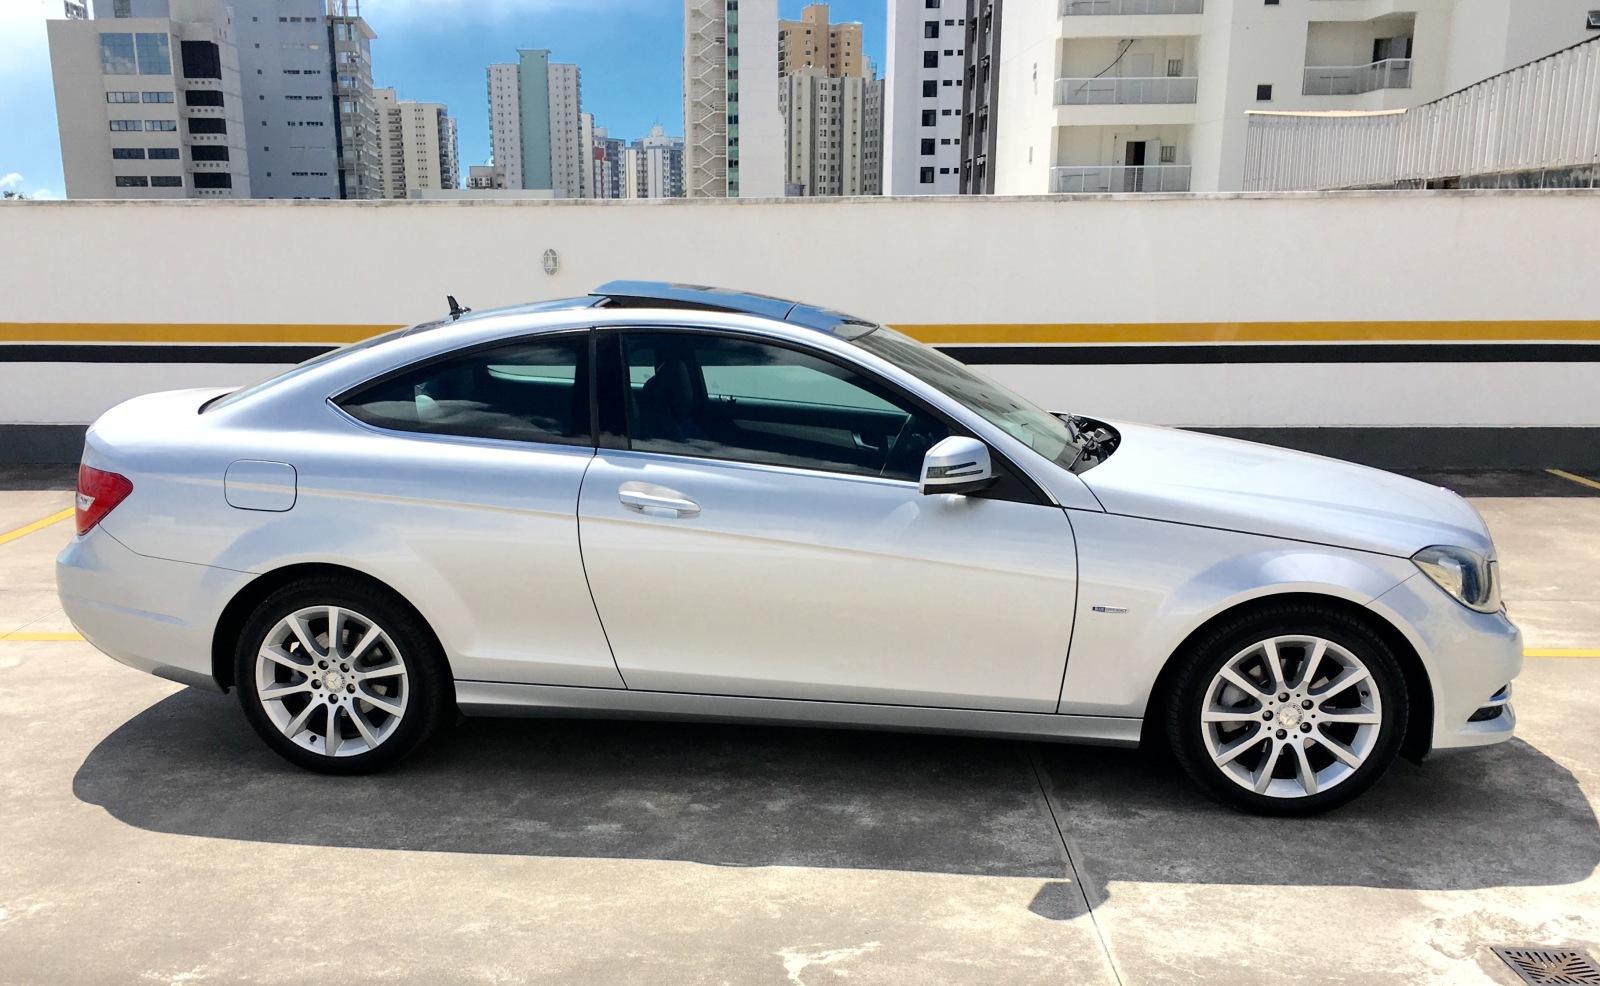 C180 - (VENDO): C204 - C180 coupé 11/12 - R$68.000,00 2mpy2iw